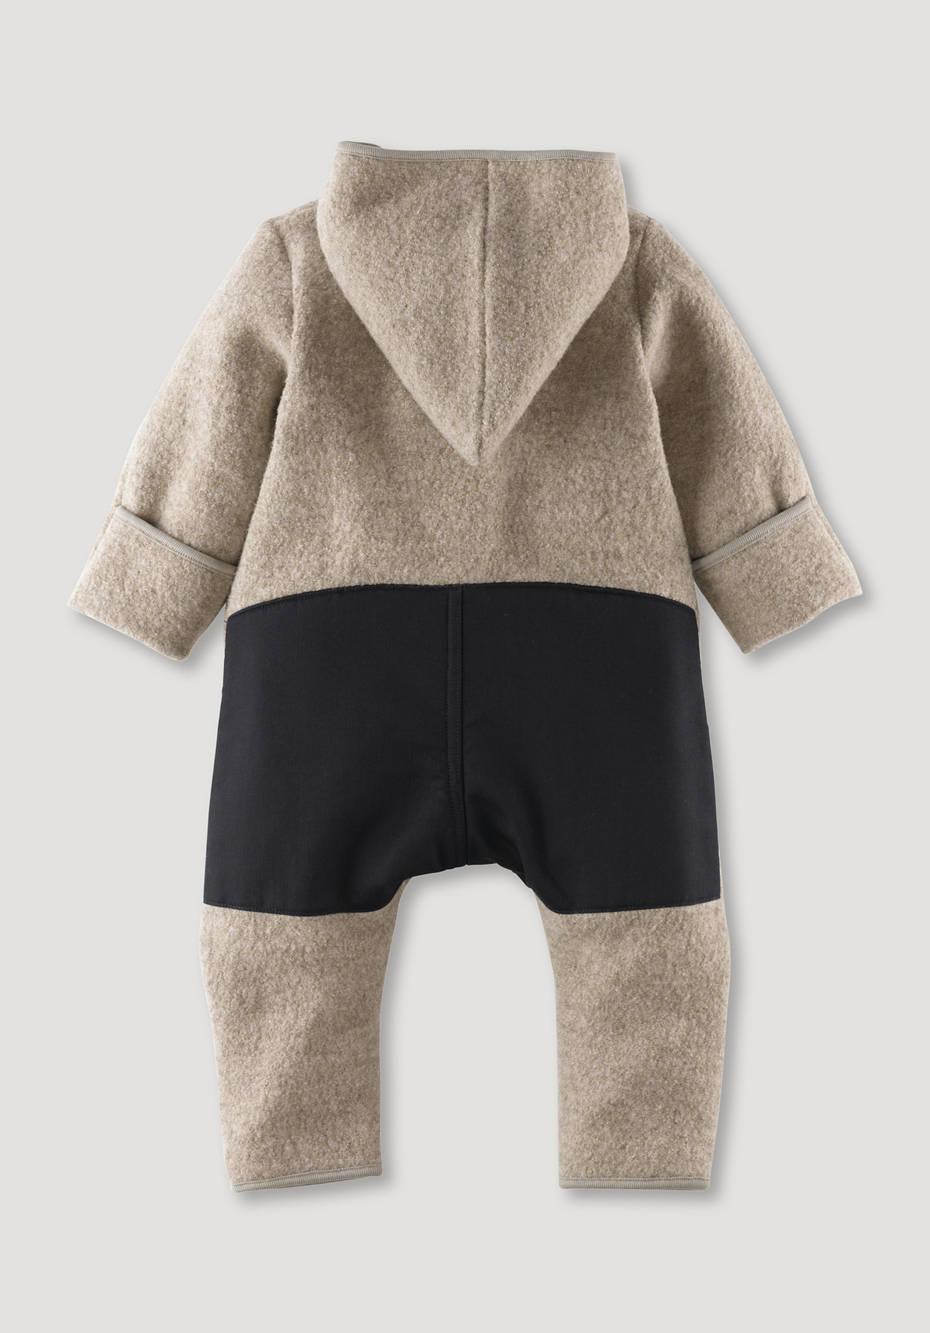 Walk overall made of organic merino wool and nature shell